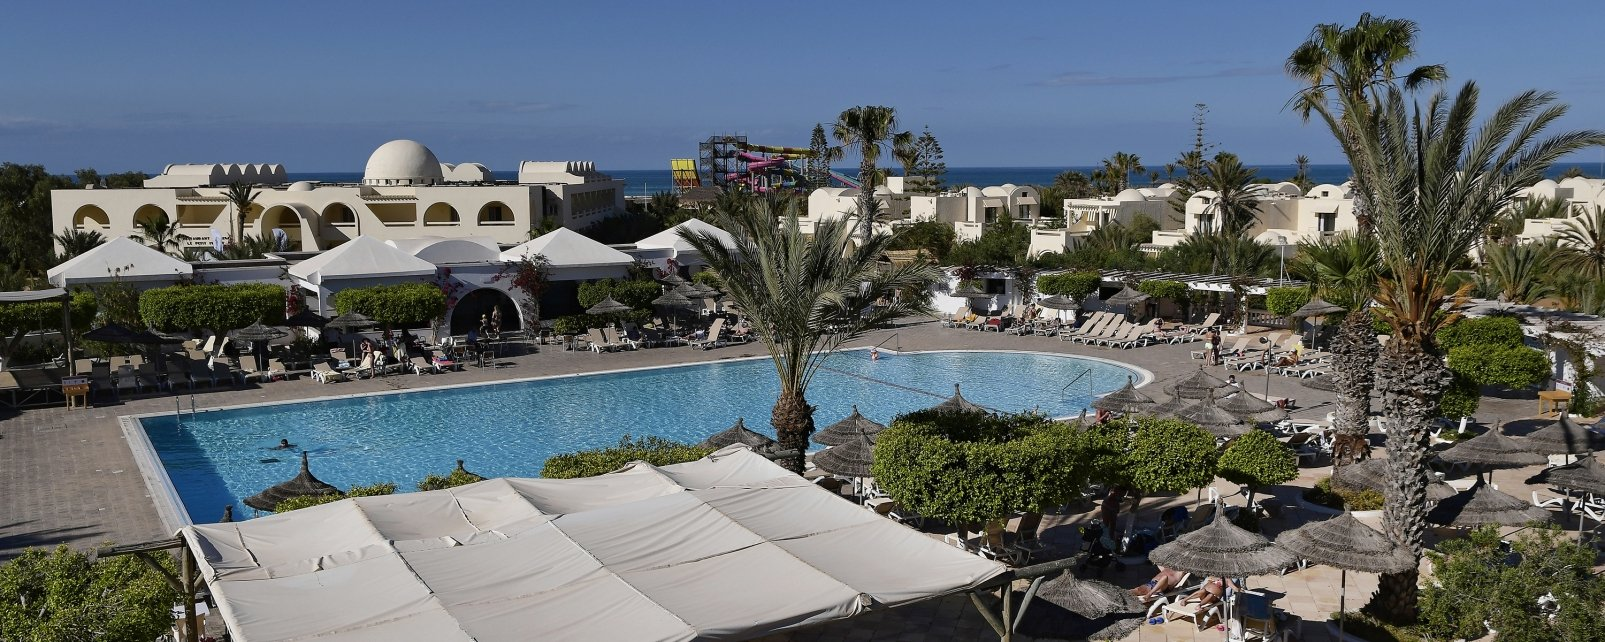 Hôtel Djerba Aqua Resort